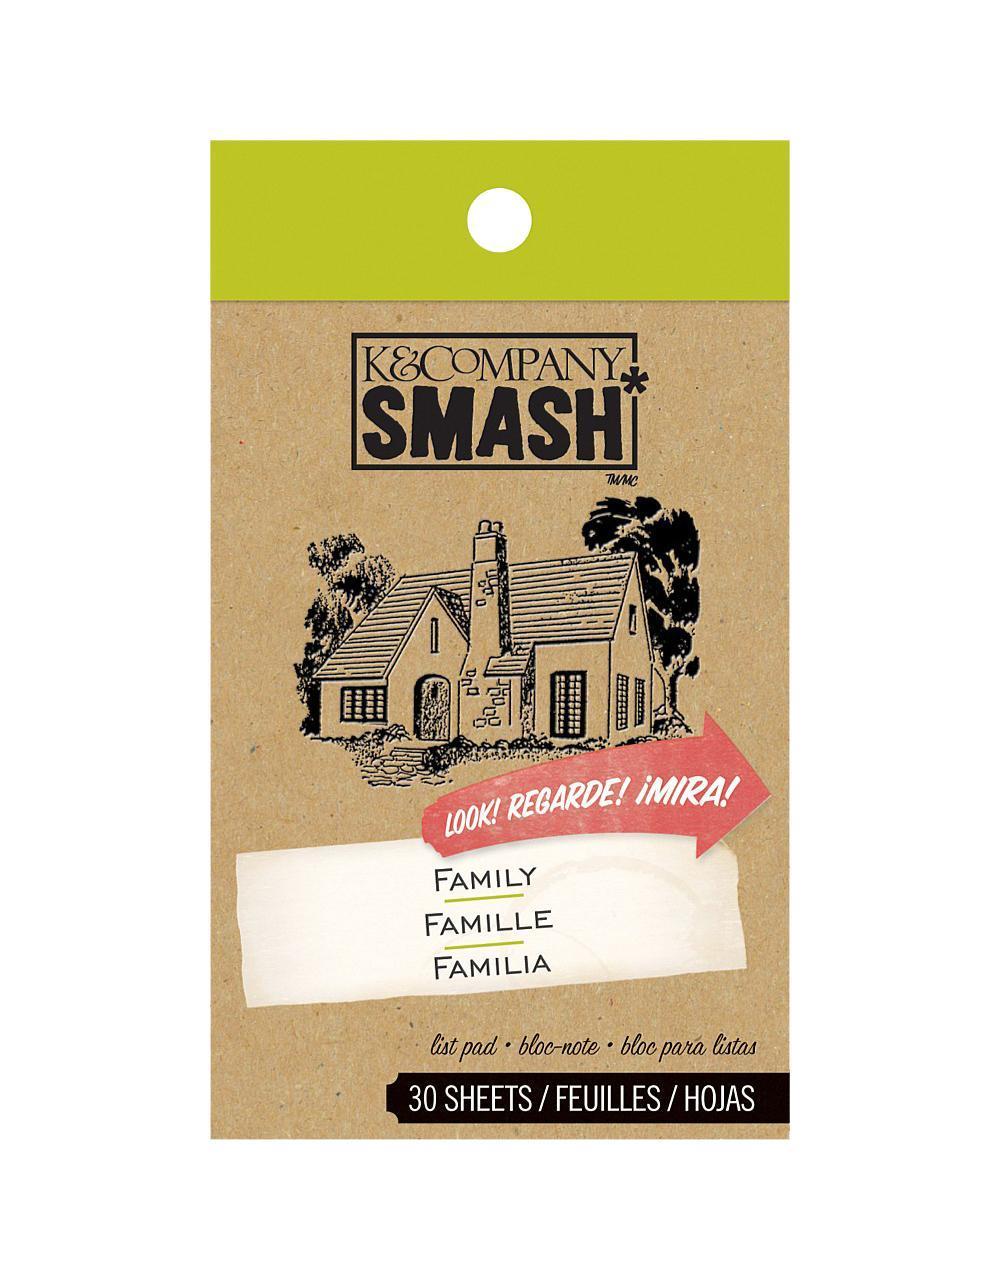 Блокнот K&Company Smash СемьяKCO-30-620308Блокнот Smash для записей. Включает в себя 30 дизайнерских листов. Идеально подходит для оформления Папки Smash. Размер блокнота ~7*12 см. Материал: Бумага Размер: 70*120*6